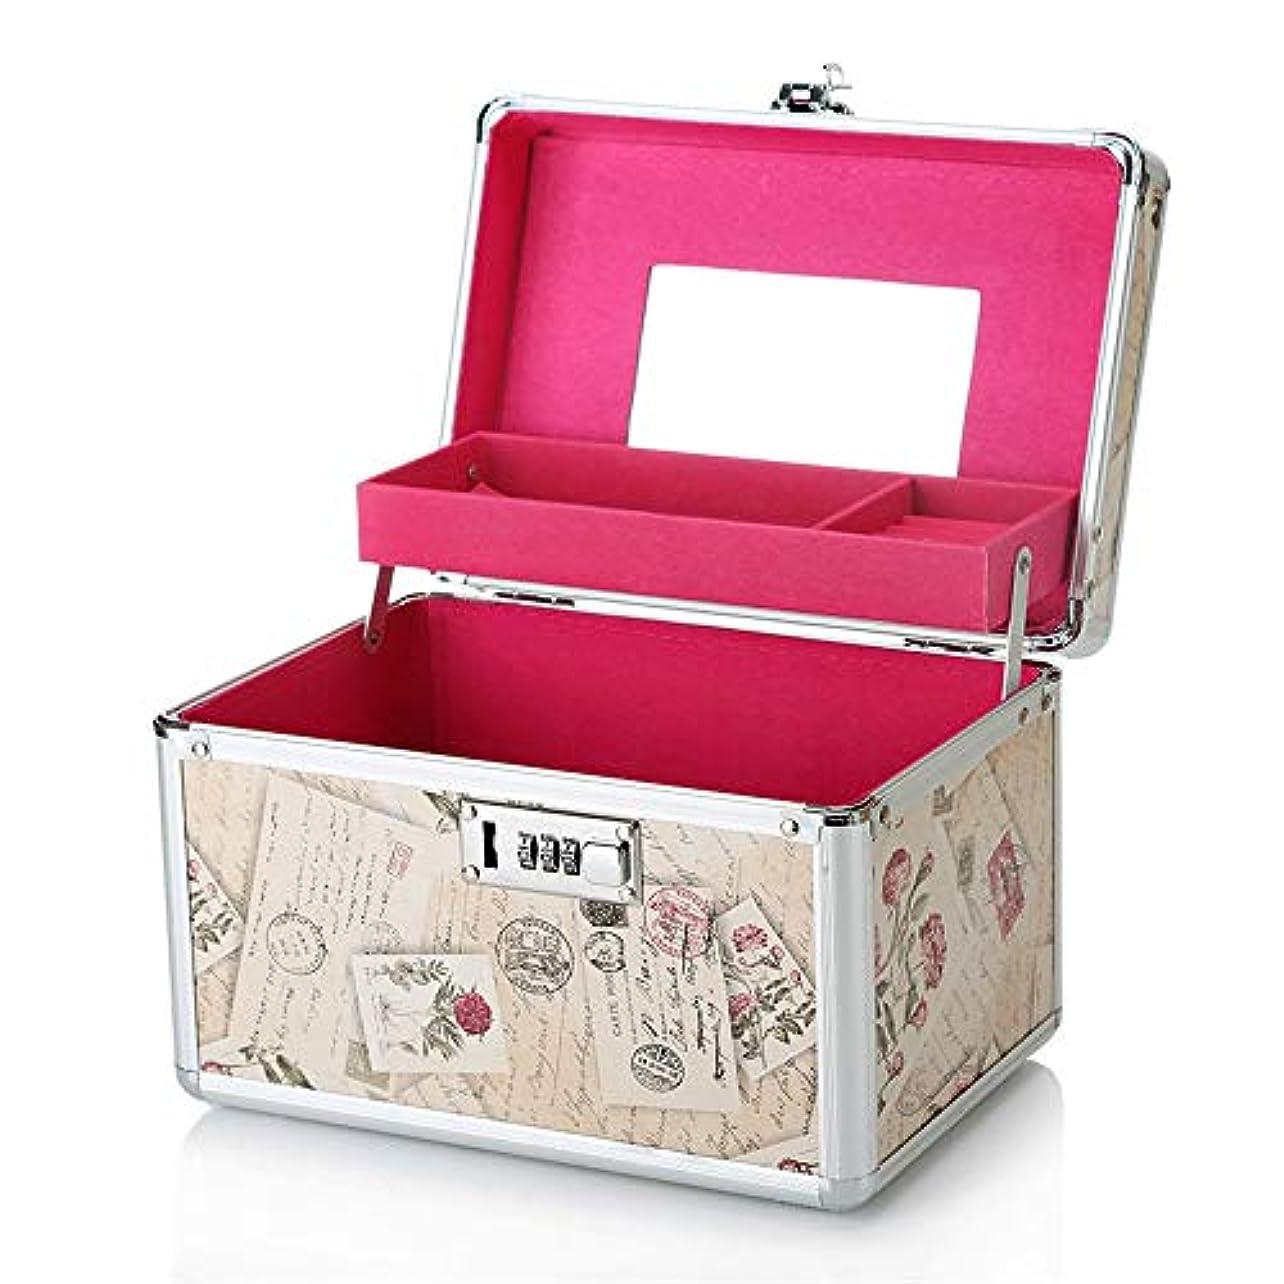 チャップ元に戻すグリーンバック特大スペース収納ビューティーボックス 美の構造のためそしてジッパーおよび折る皿が付いている女の子の女性旅行そして毎日の貯蔵のための高容量の携帯用化粧品袋 化粧品化粧台